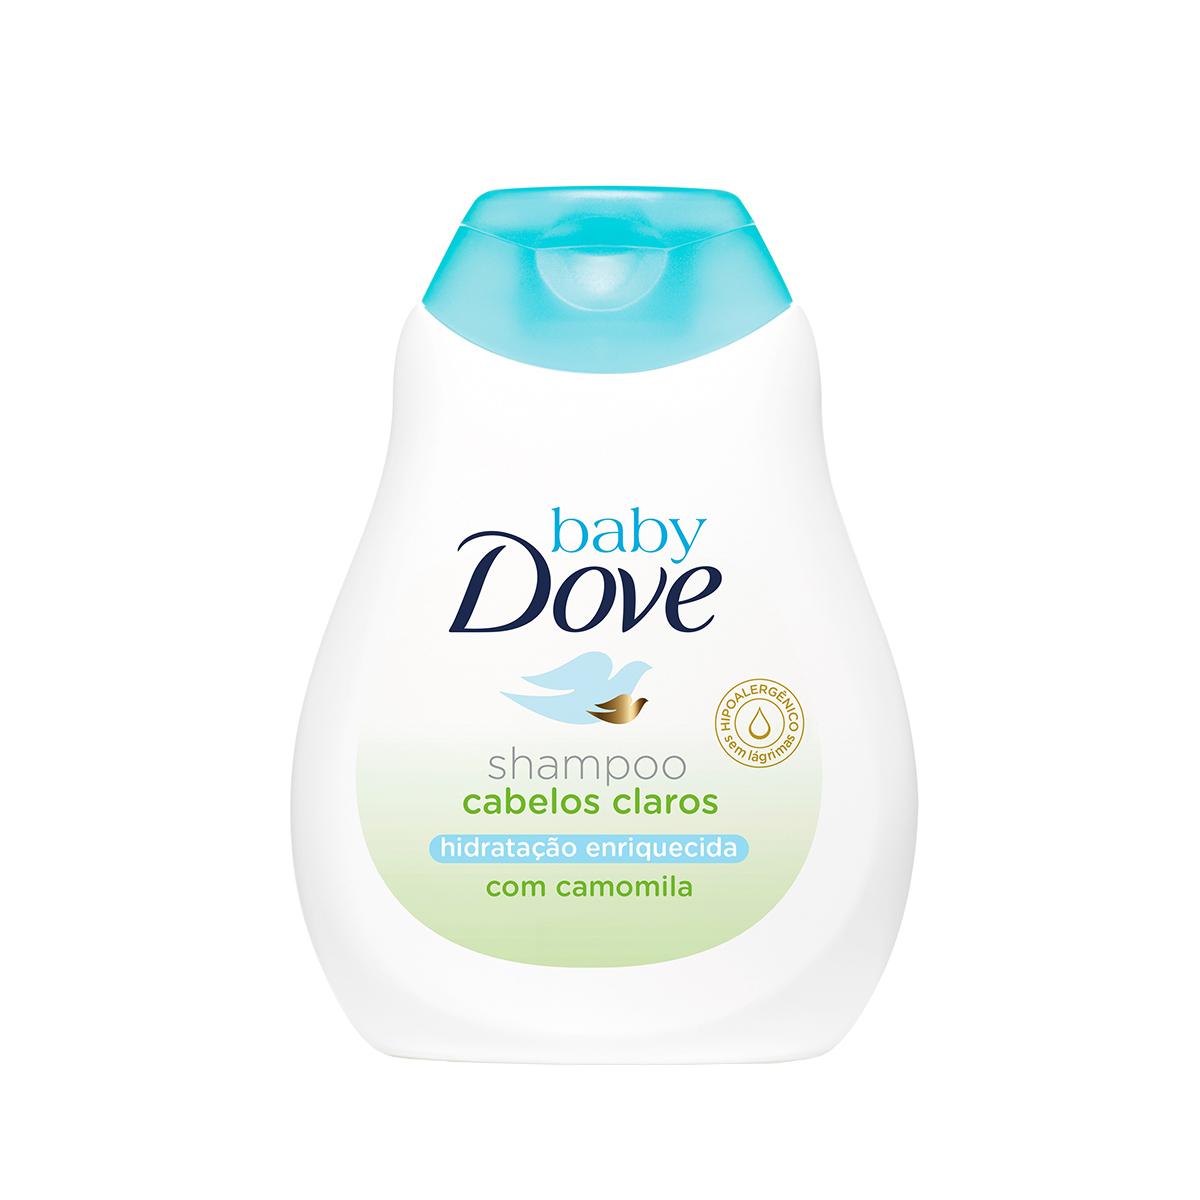 Shampoo Baby Dove Hidratação Enriquecida Cabelos Claros 200ml